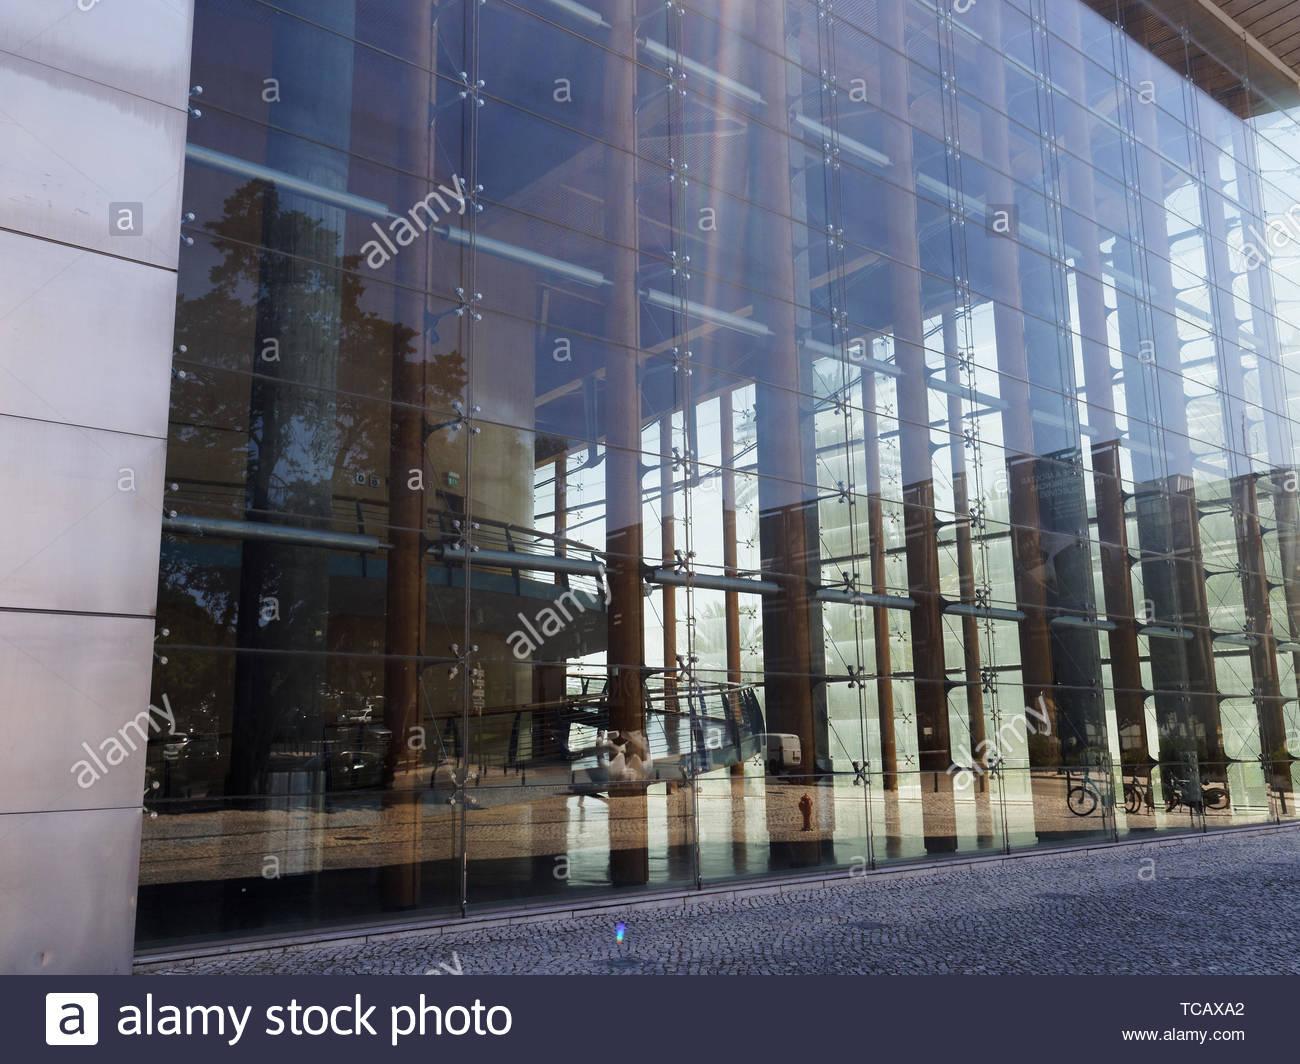 Plate Glass Exterior Wall Centro De Congressos Do Estoril Portugal Stock Photo Alamy